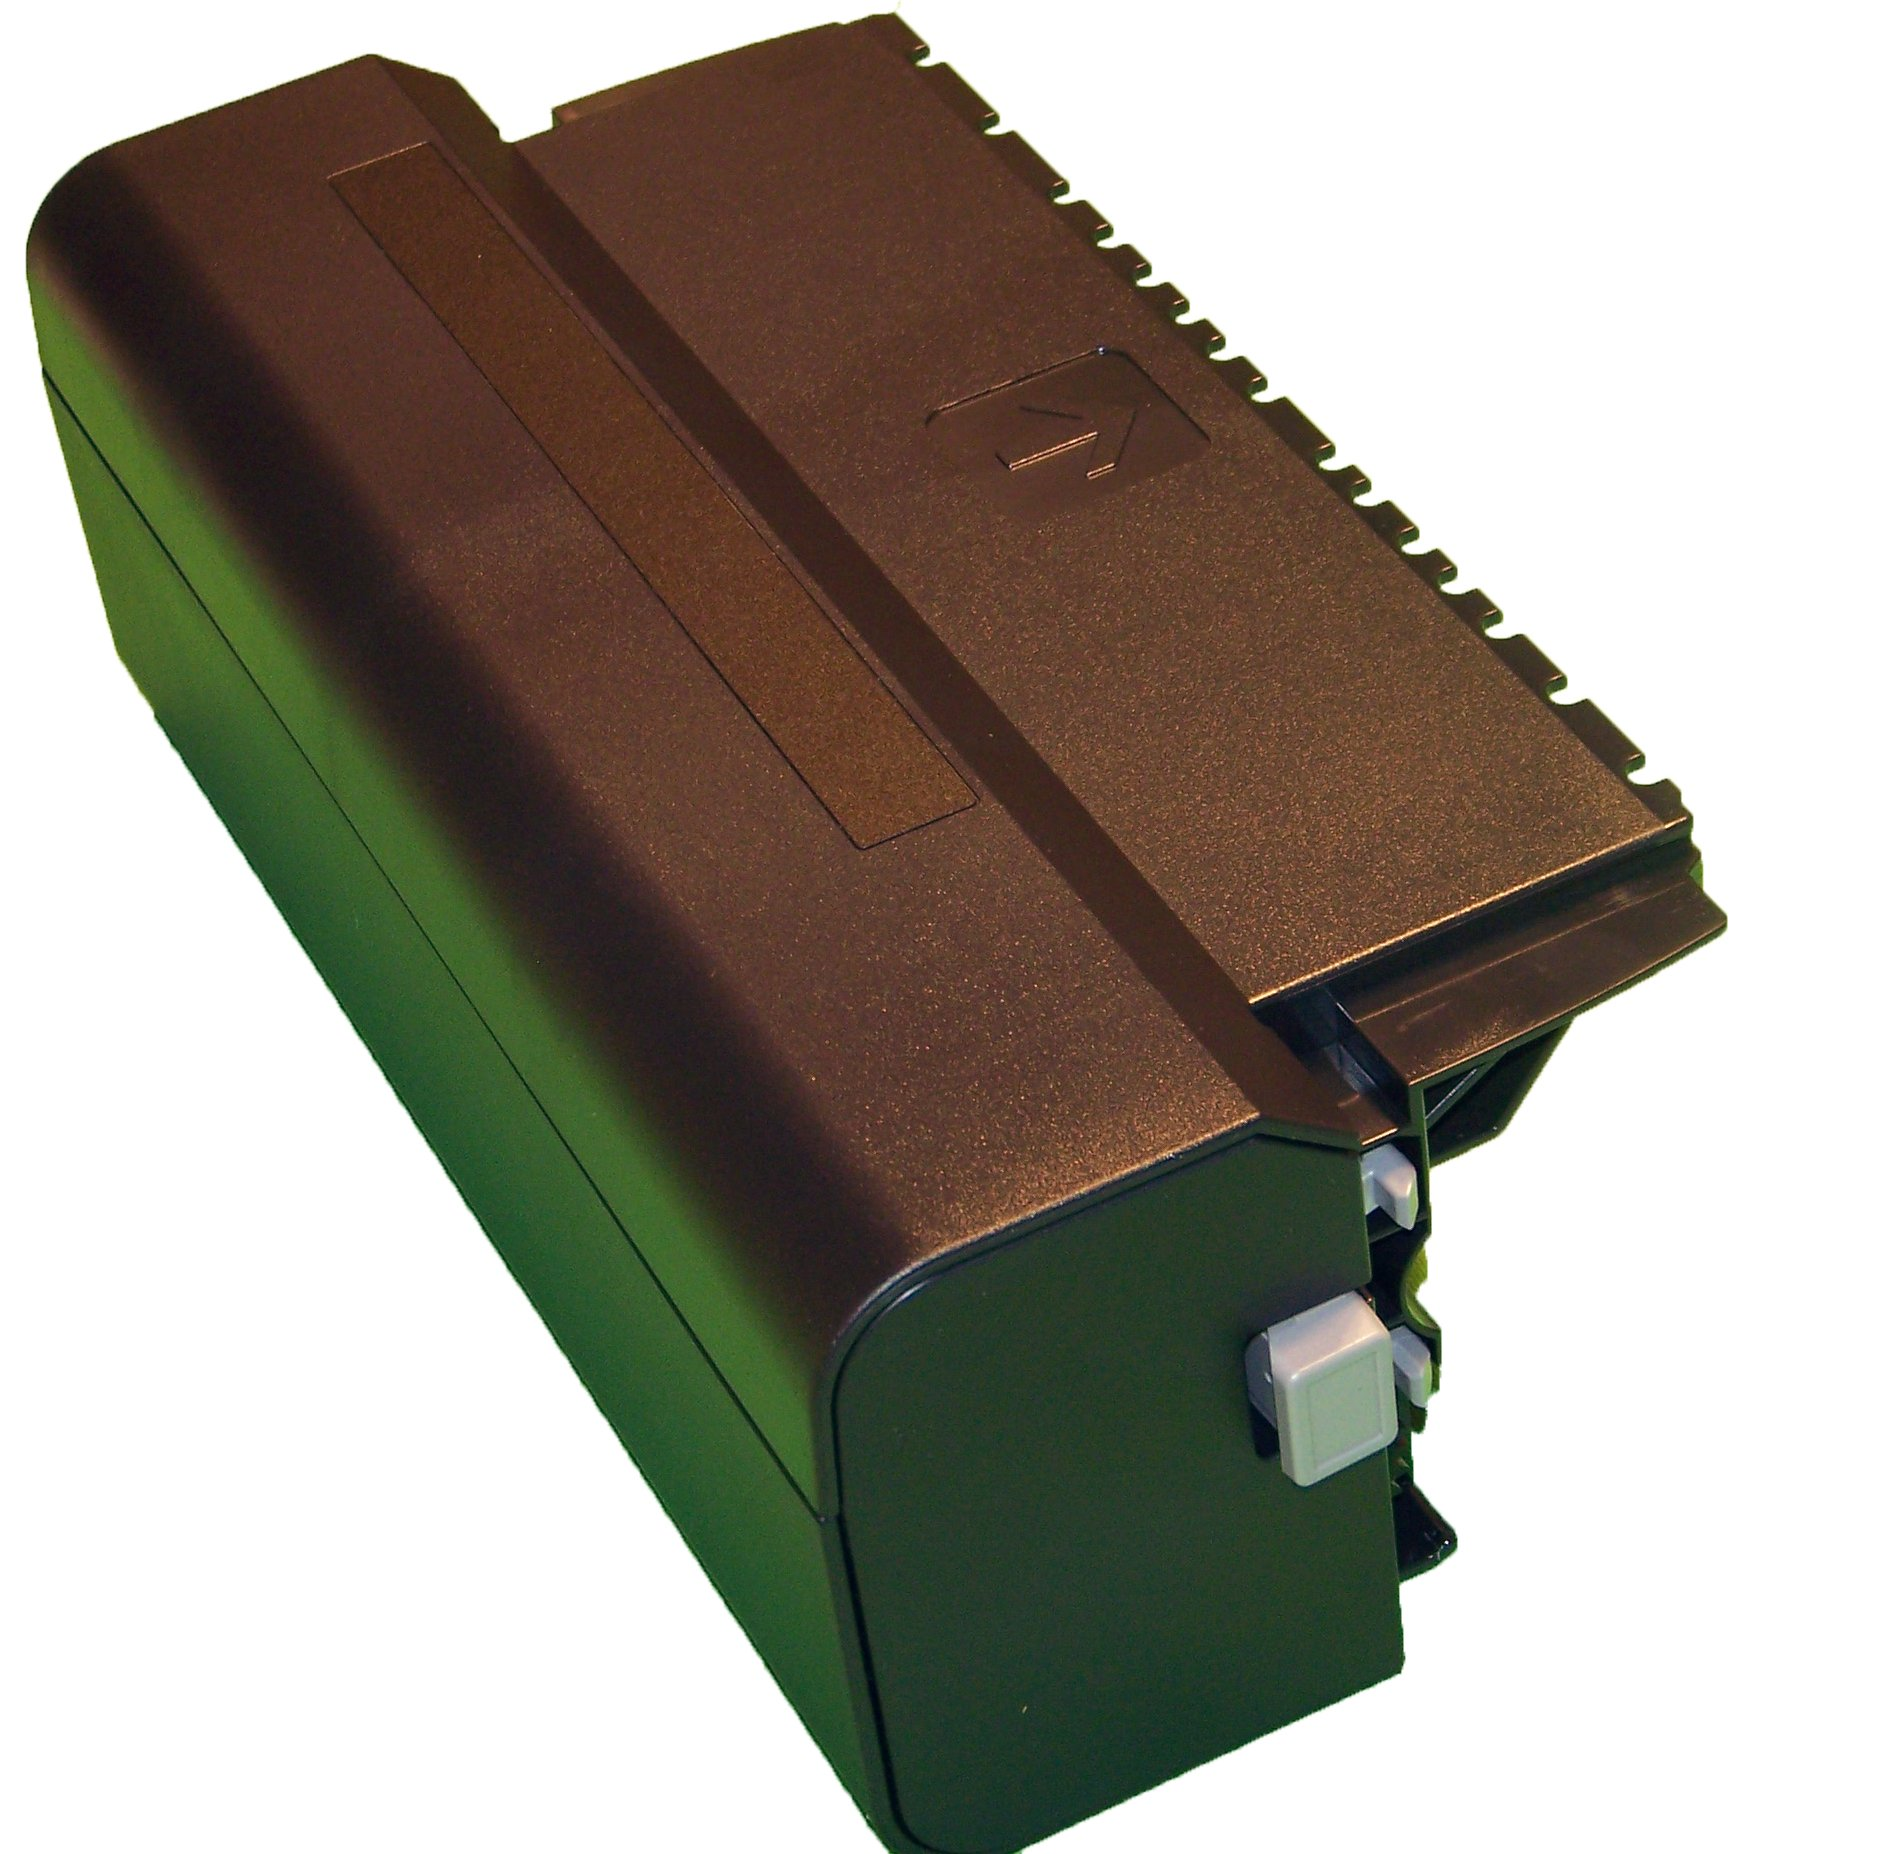 Epson Duplexer Duplex Unit - NEW - Artisan 710, Artisan 725, Artisan 730, Artisan 810, Artisan 835, Artisan 837 by Epson (Image #1)